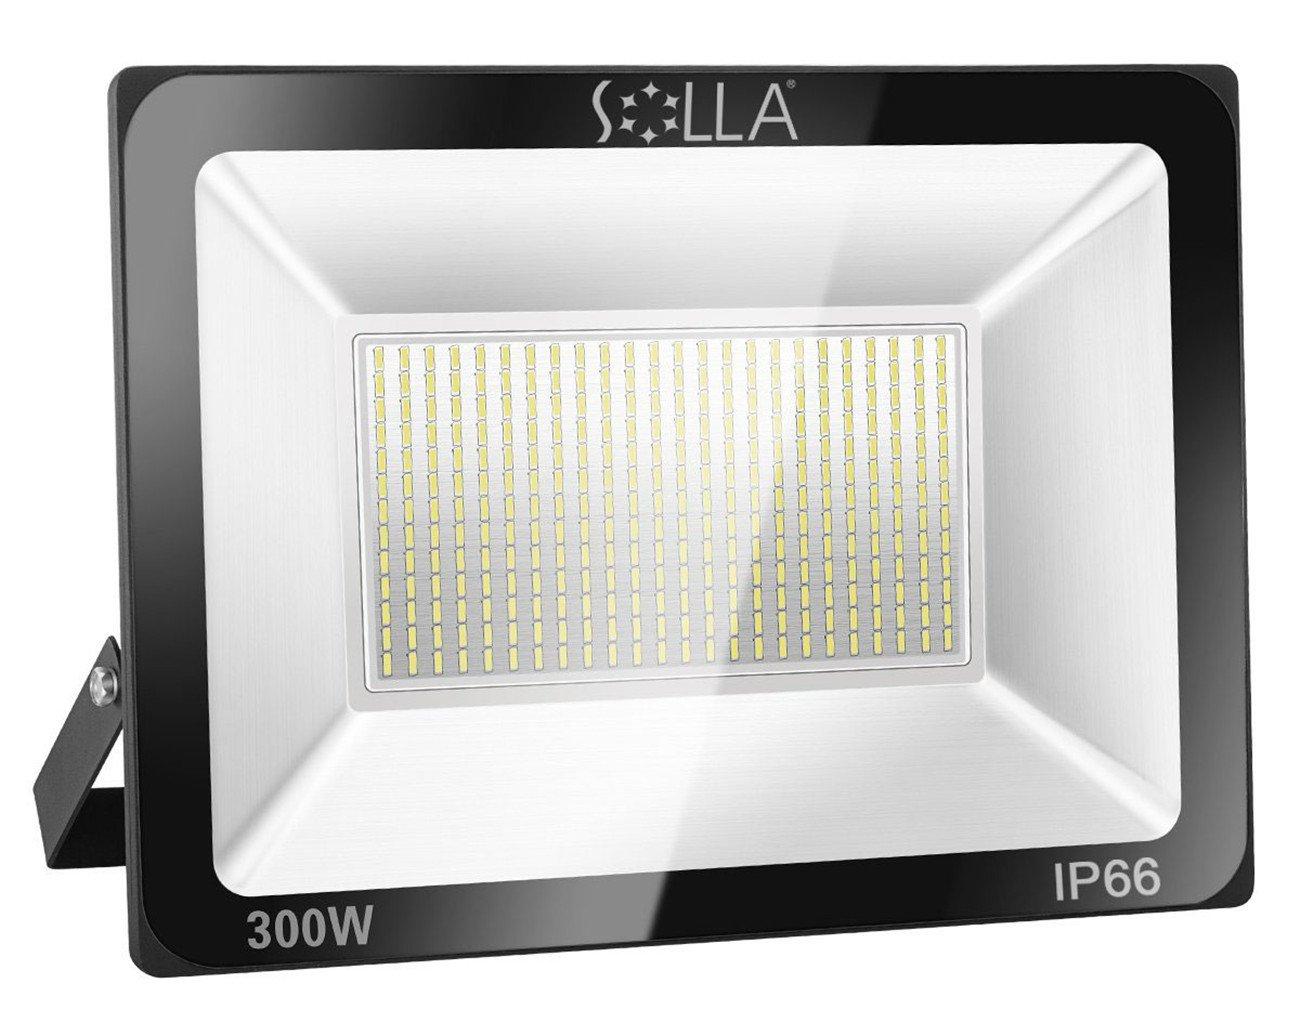 Solla projecteur led 300w ip66 imperméable 24000lm eclairage